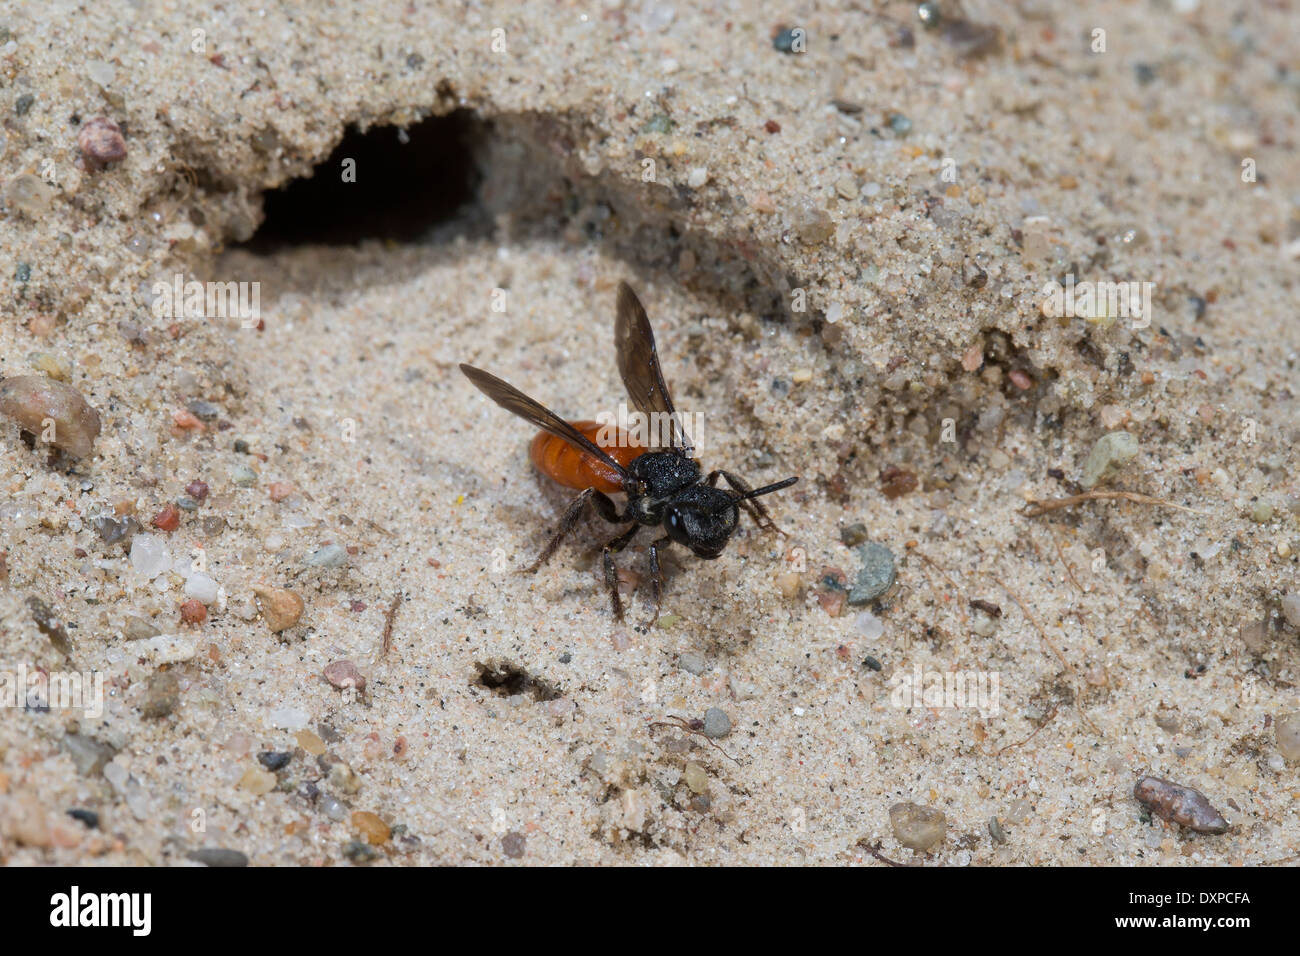 Sweat bee, Halictid Bee, Große Blutbiene, Auen-Buckelbiene, Kuckucksbiene, Sphecodes albilabris, Sphecodes fuscipennis - Stock Image